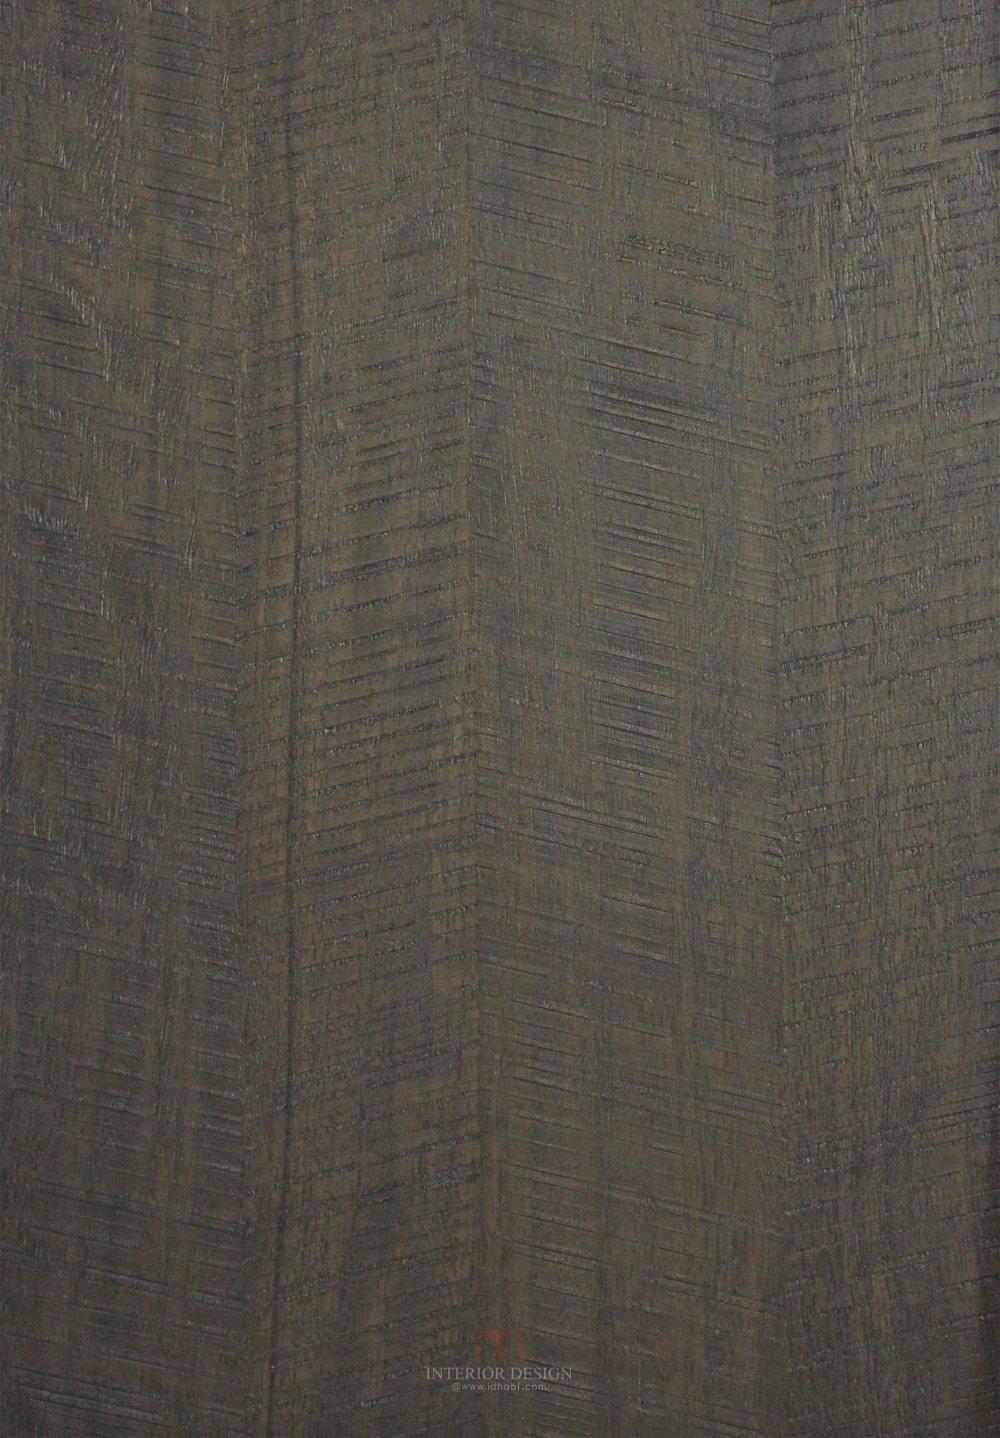 K6493BN_瑞士檀木鋸痕自然拼.jpg